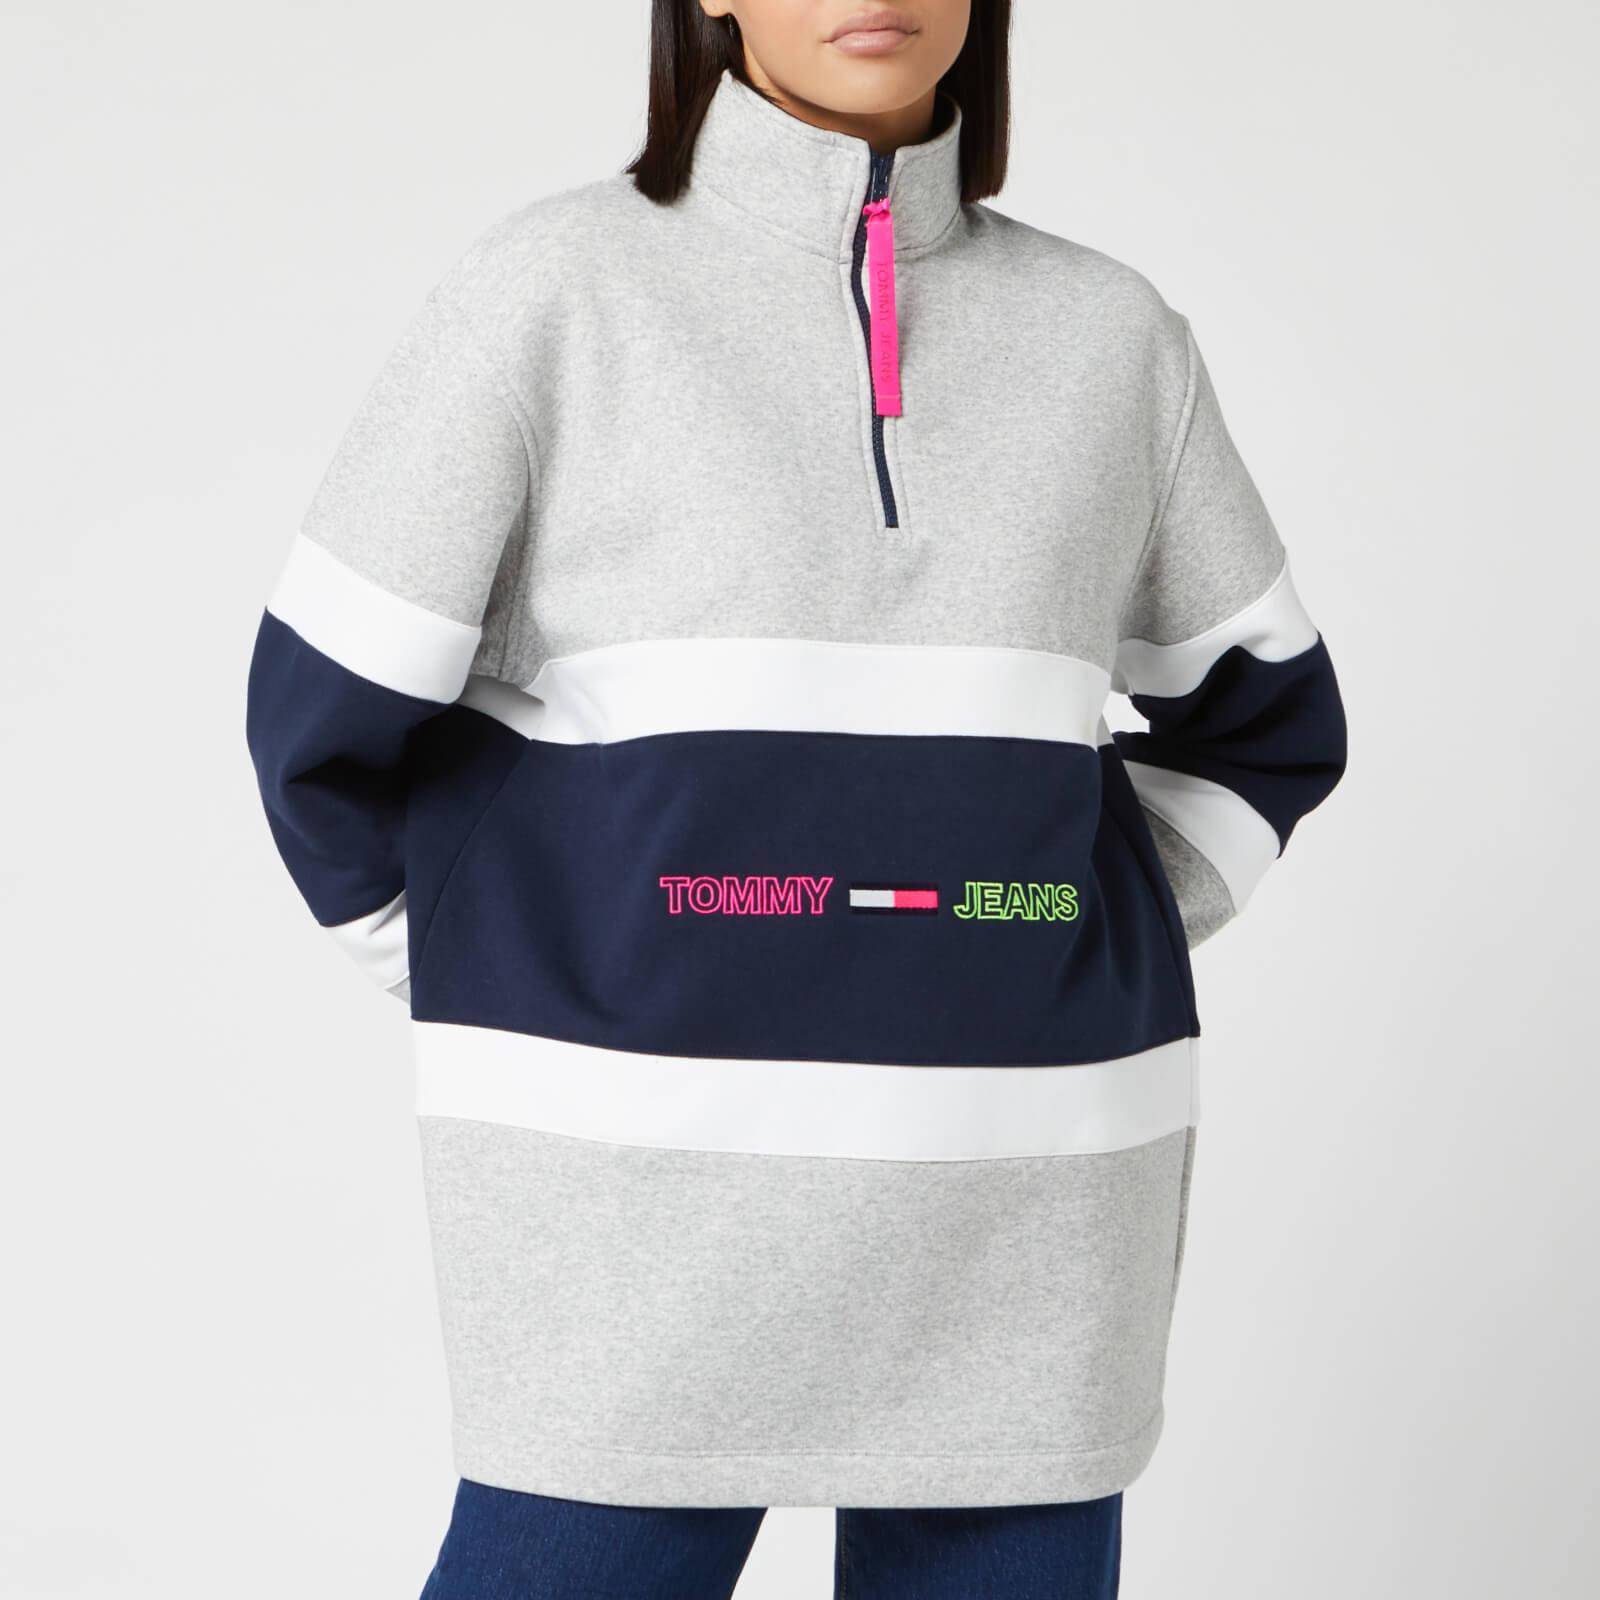 Tommy Jeans Women's Colourblock Mock Neck Sweatshirt - Light Grey Heather - S